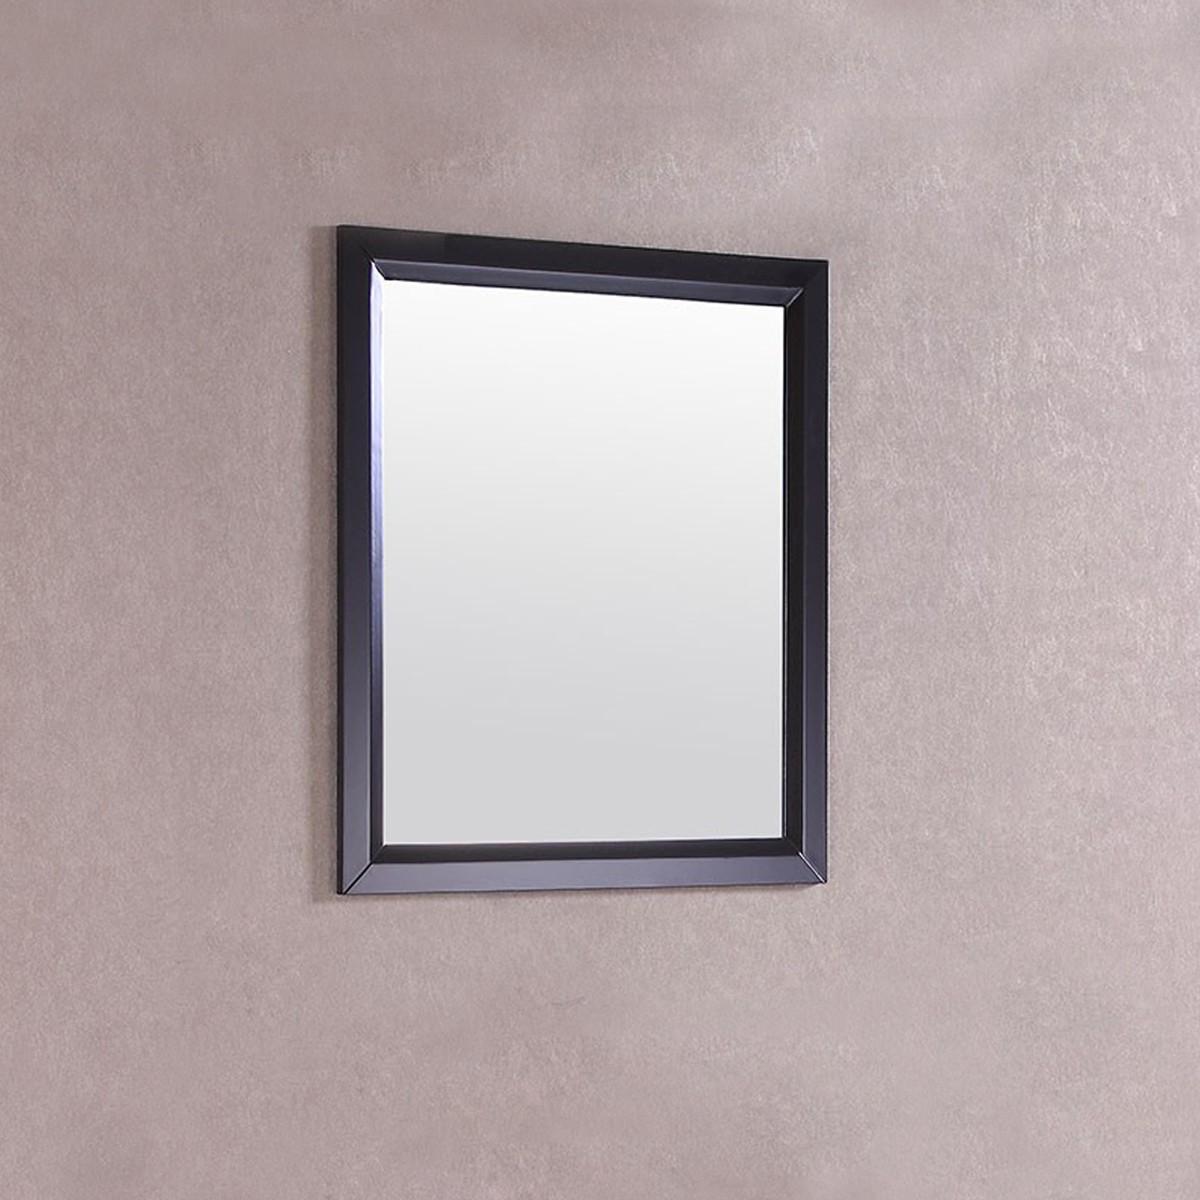 33 x 35 po Miroir pour Meuble Salle de Bain (DK-T9199-36E-M)